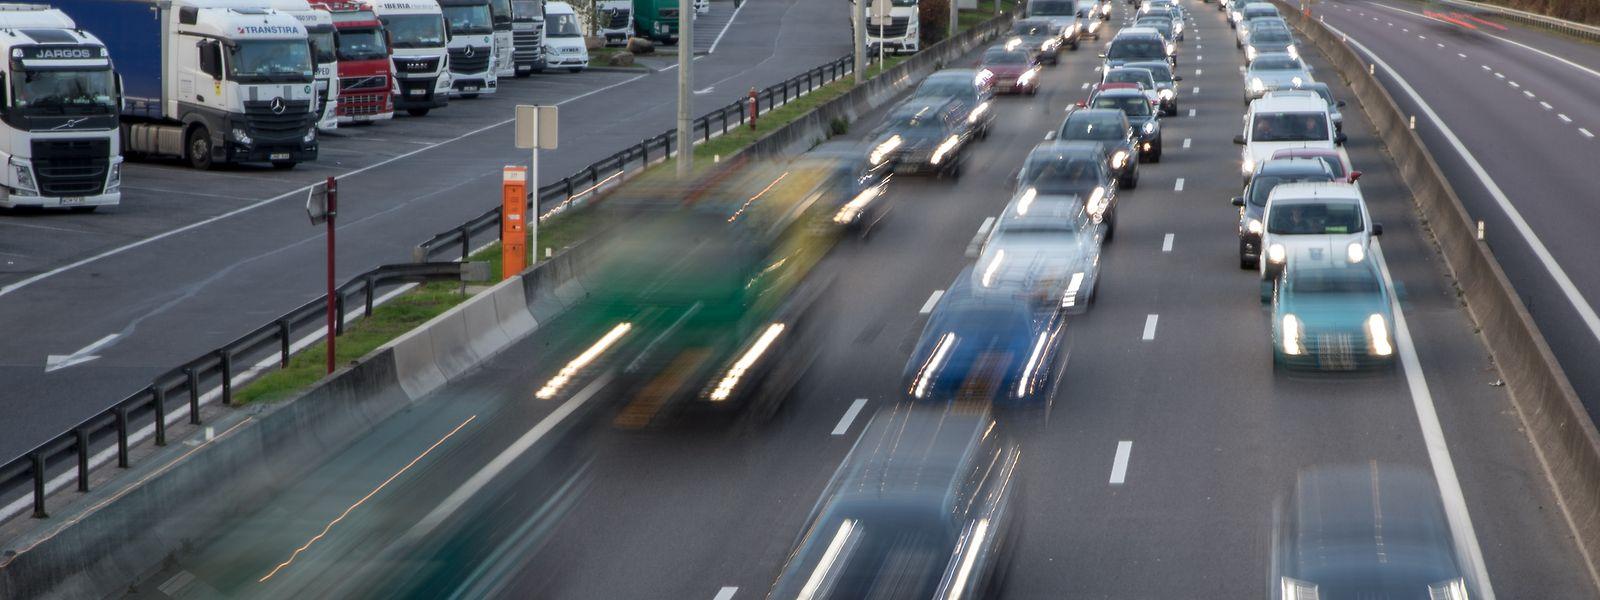 Die A3 gilt als völlig überlastet - vor allem der Verkehr durch Berufspendler lässt die wichtigste Verbindung nach Frankreich an ihre Grenzen stoßen.